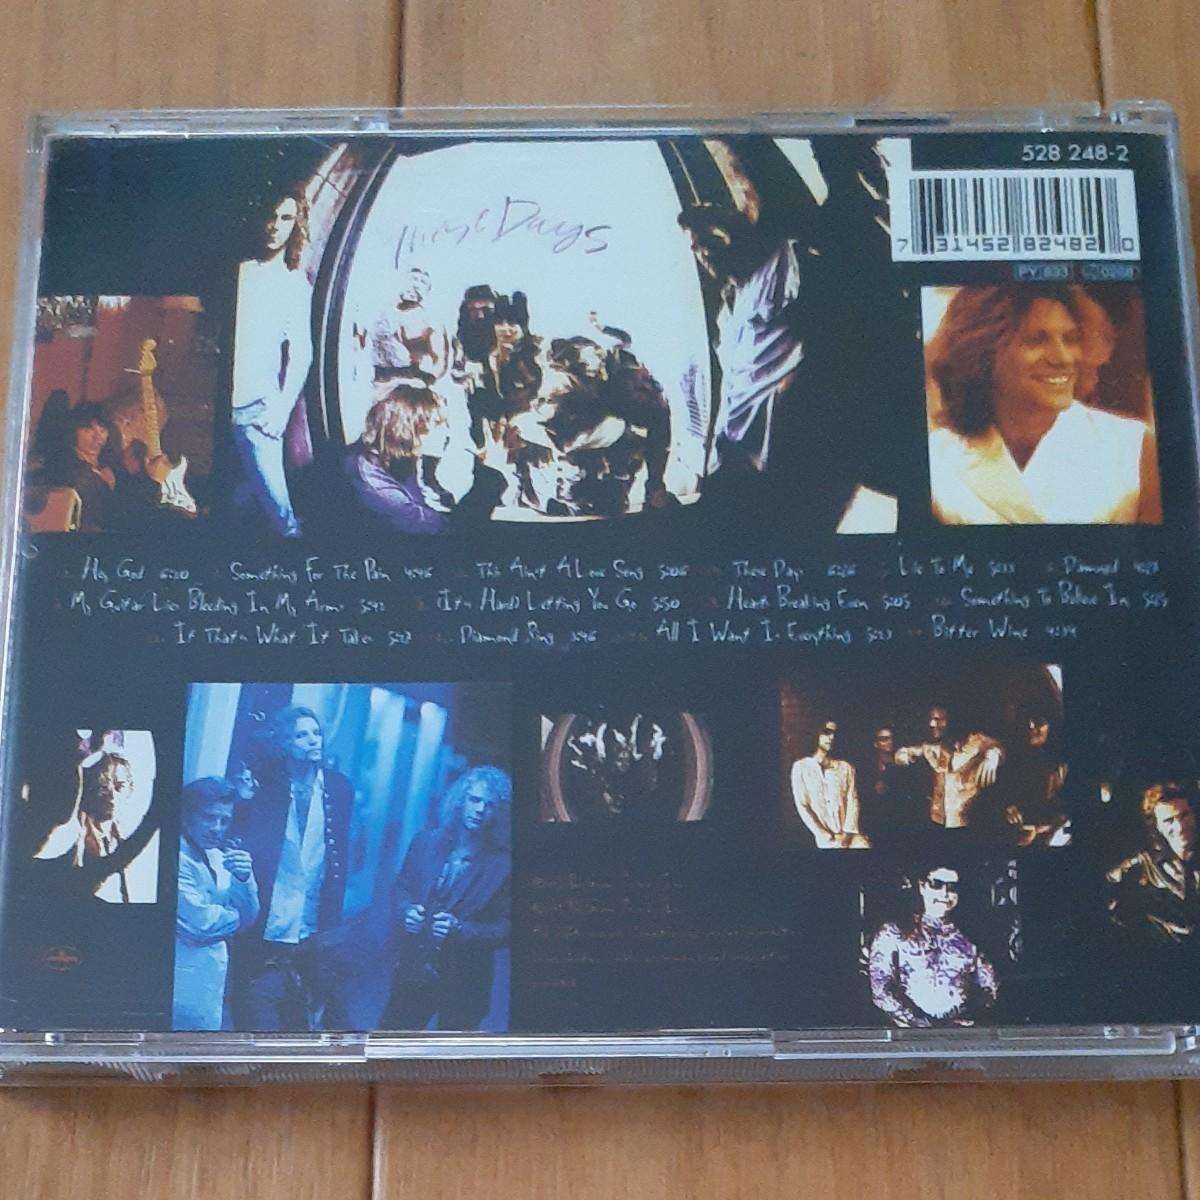 【輸入盤】 These Days/ボンジョヴィ 中古CD